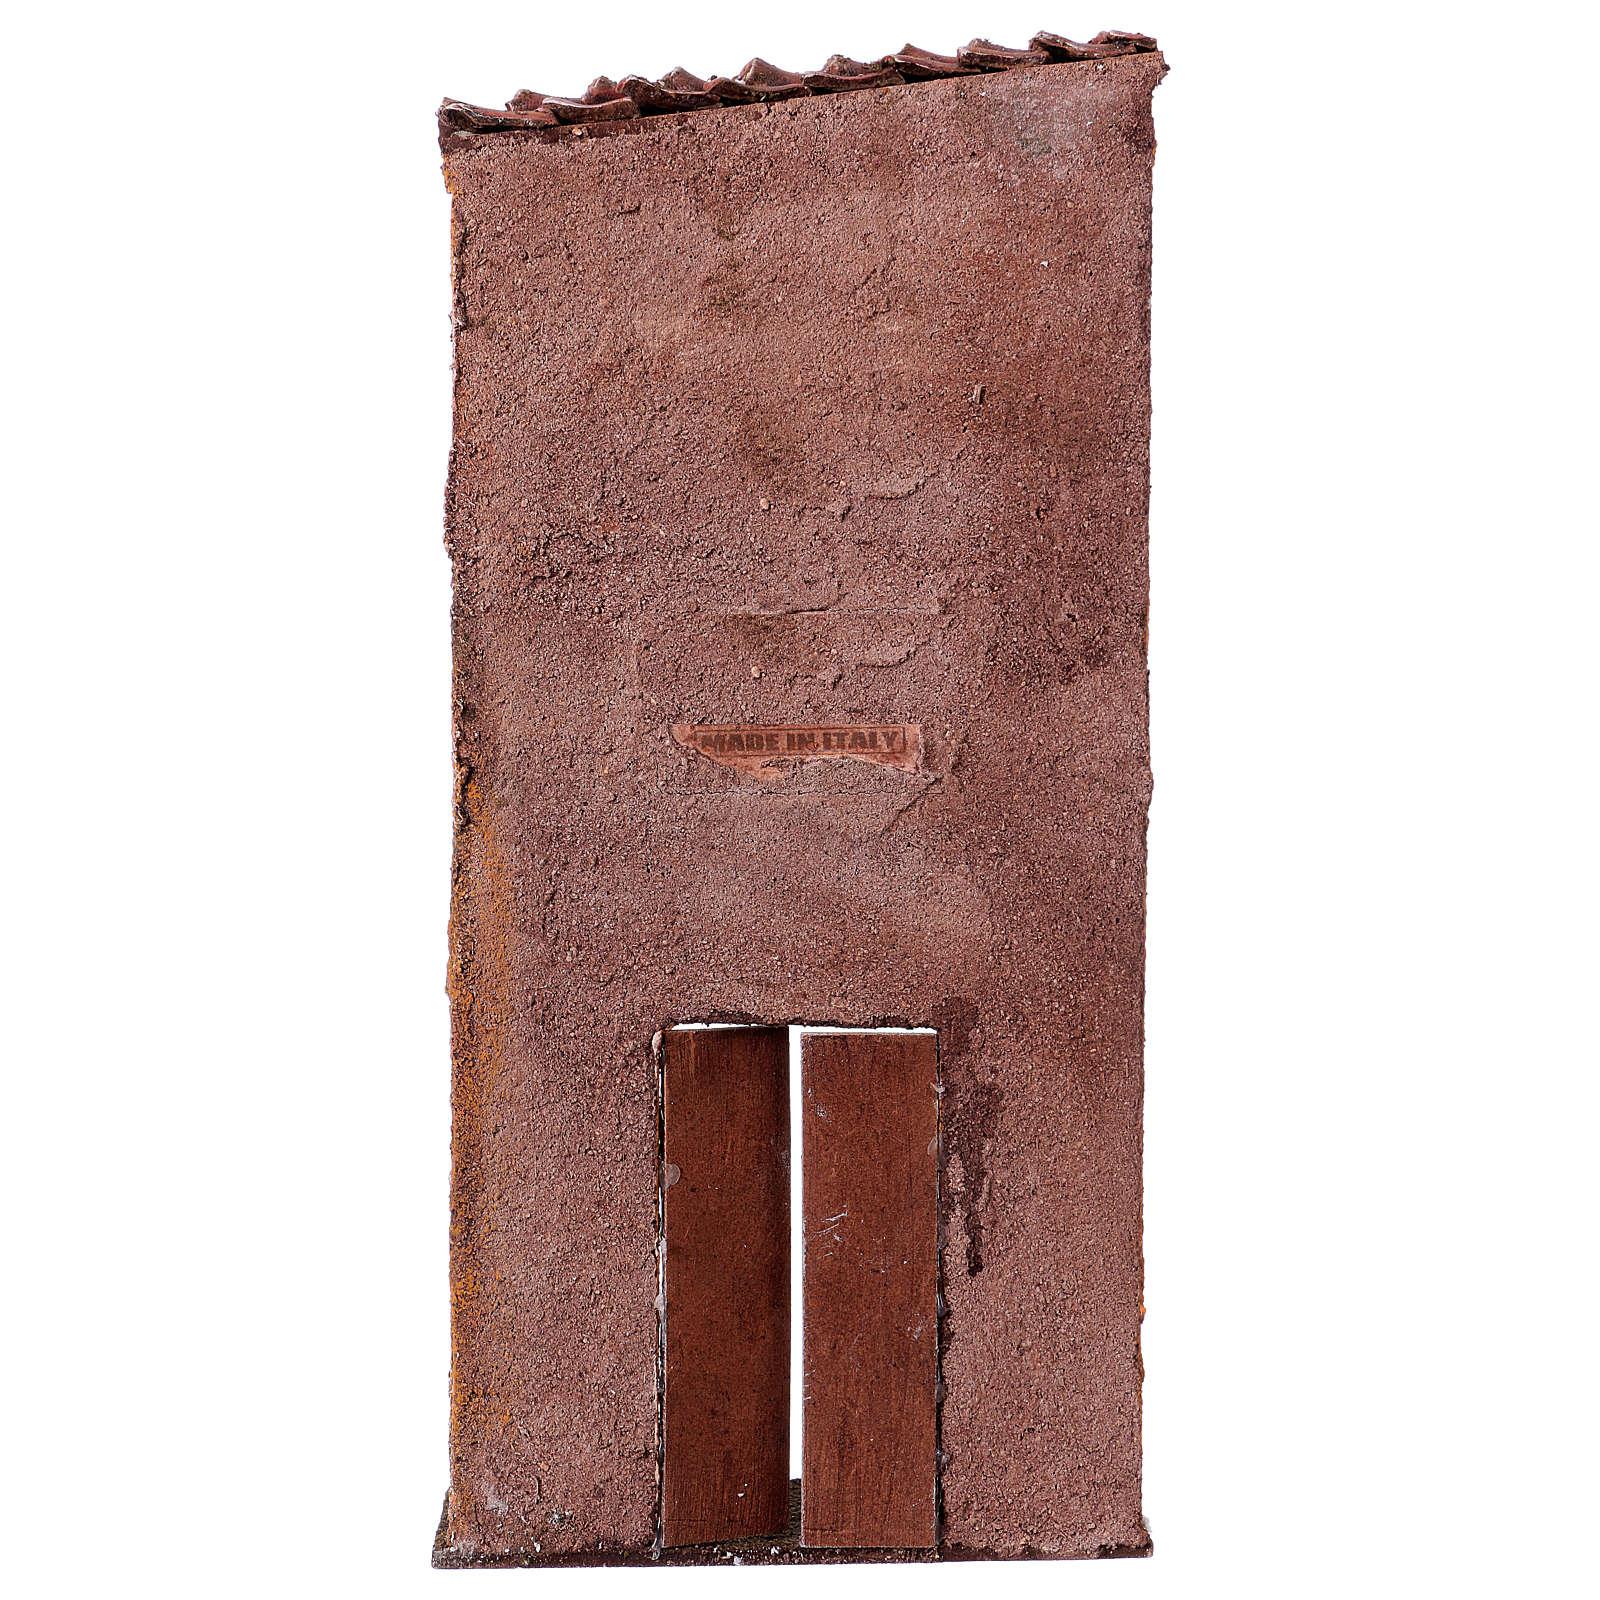 Hausfassade mit Tür und Säule 32x15x5cm für Krippen von 9cm 4